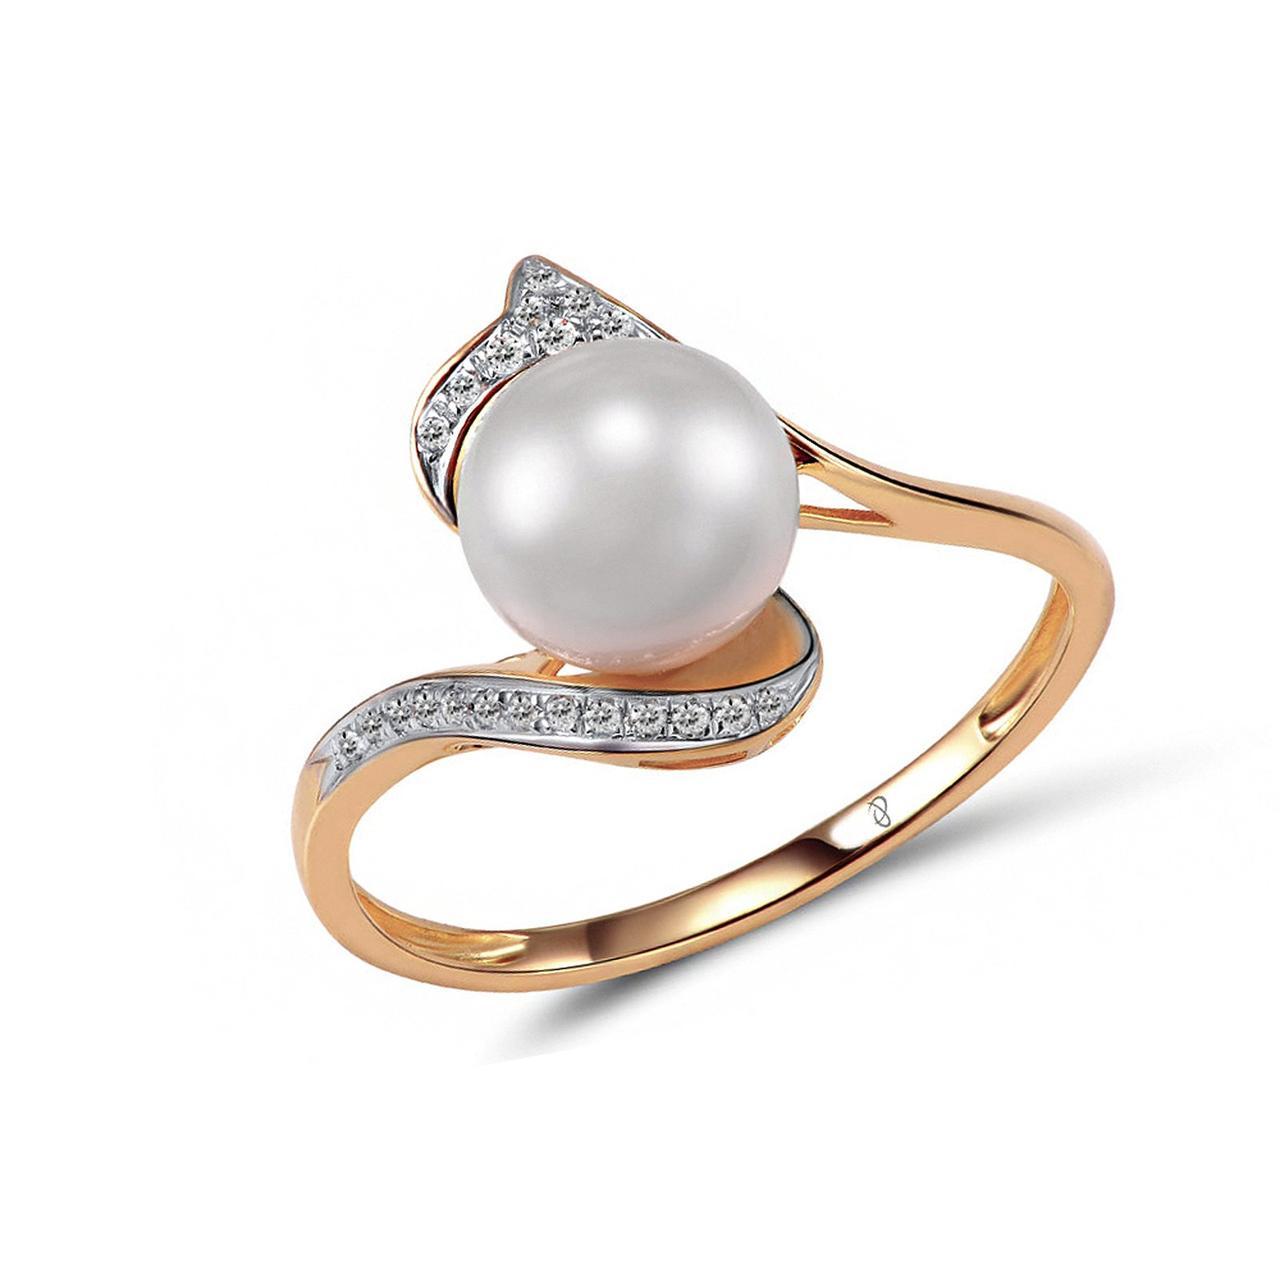 Золотое кольцо с бриллиантами и жемчугом (пресноводным), размер 16 (1551685)